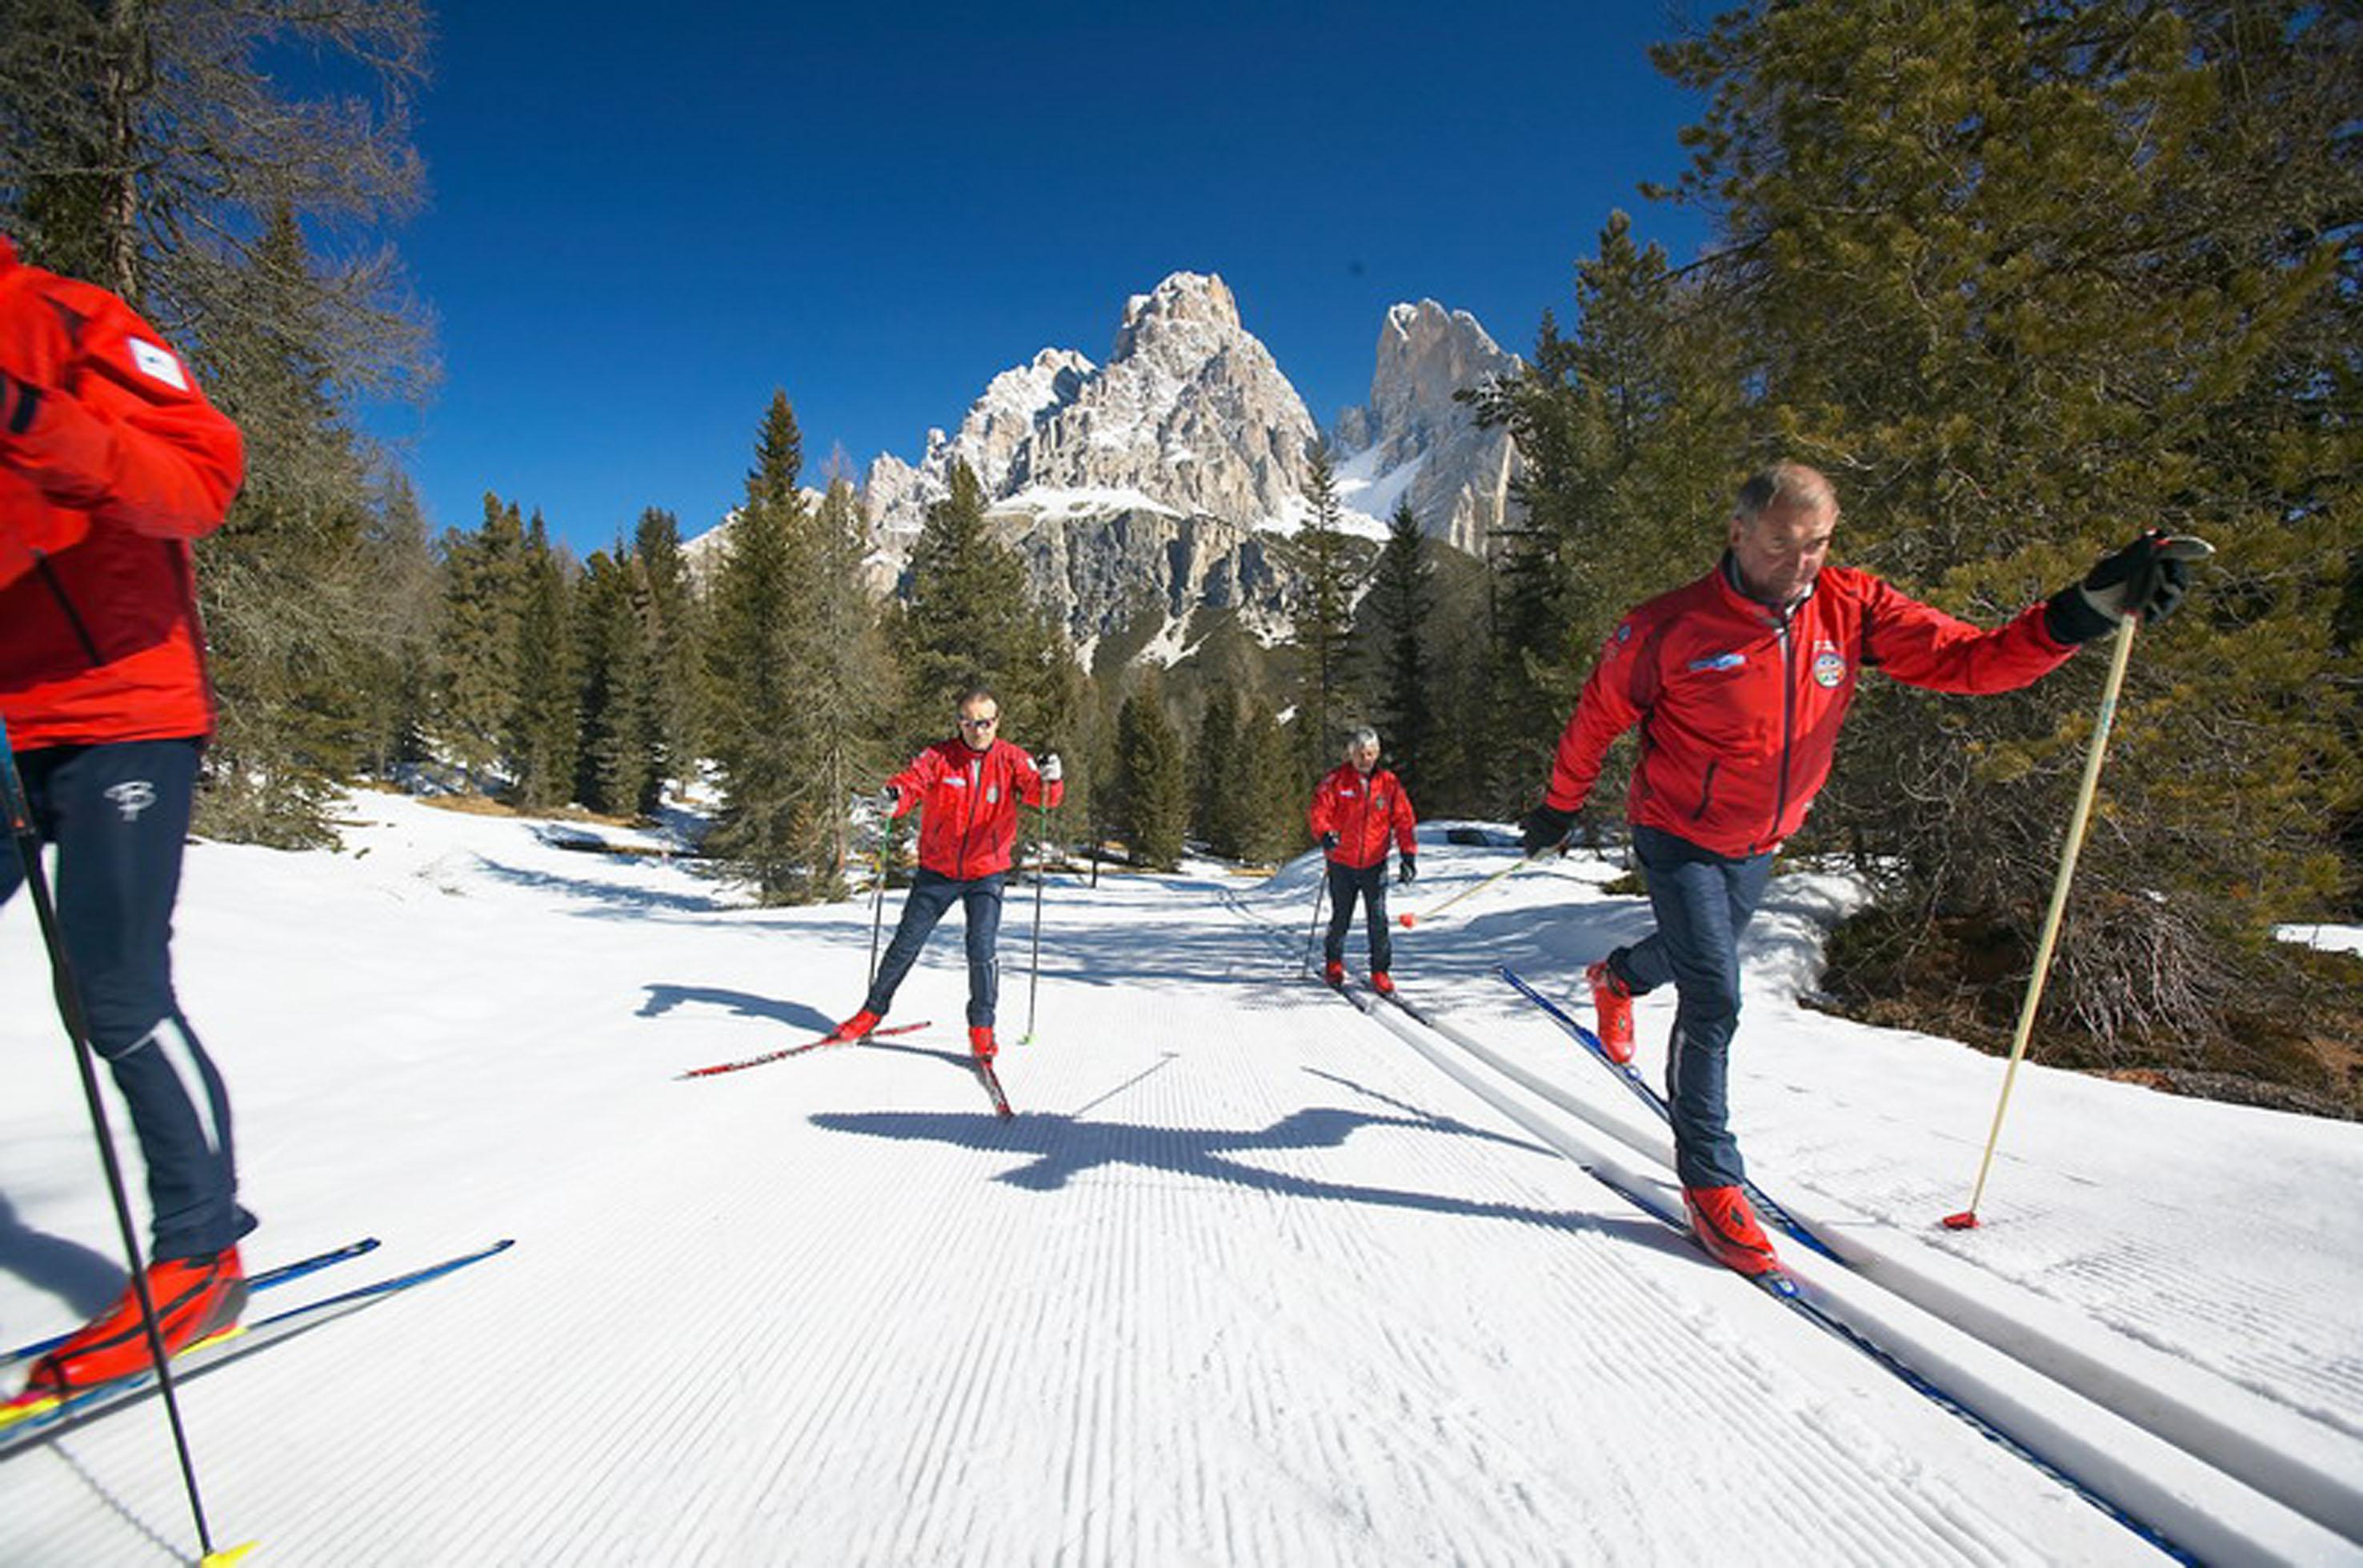 Dolomiti Nordicski: aperti i 1300 km di piste da fondo